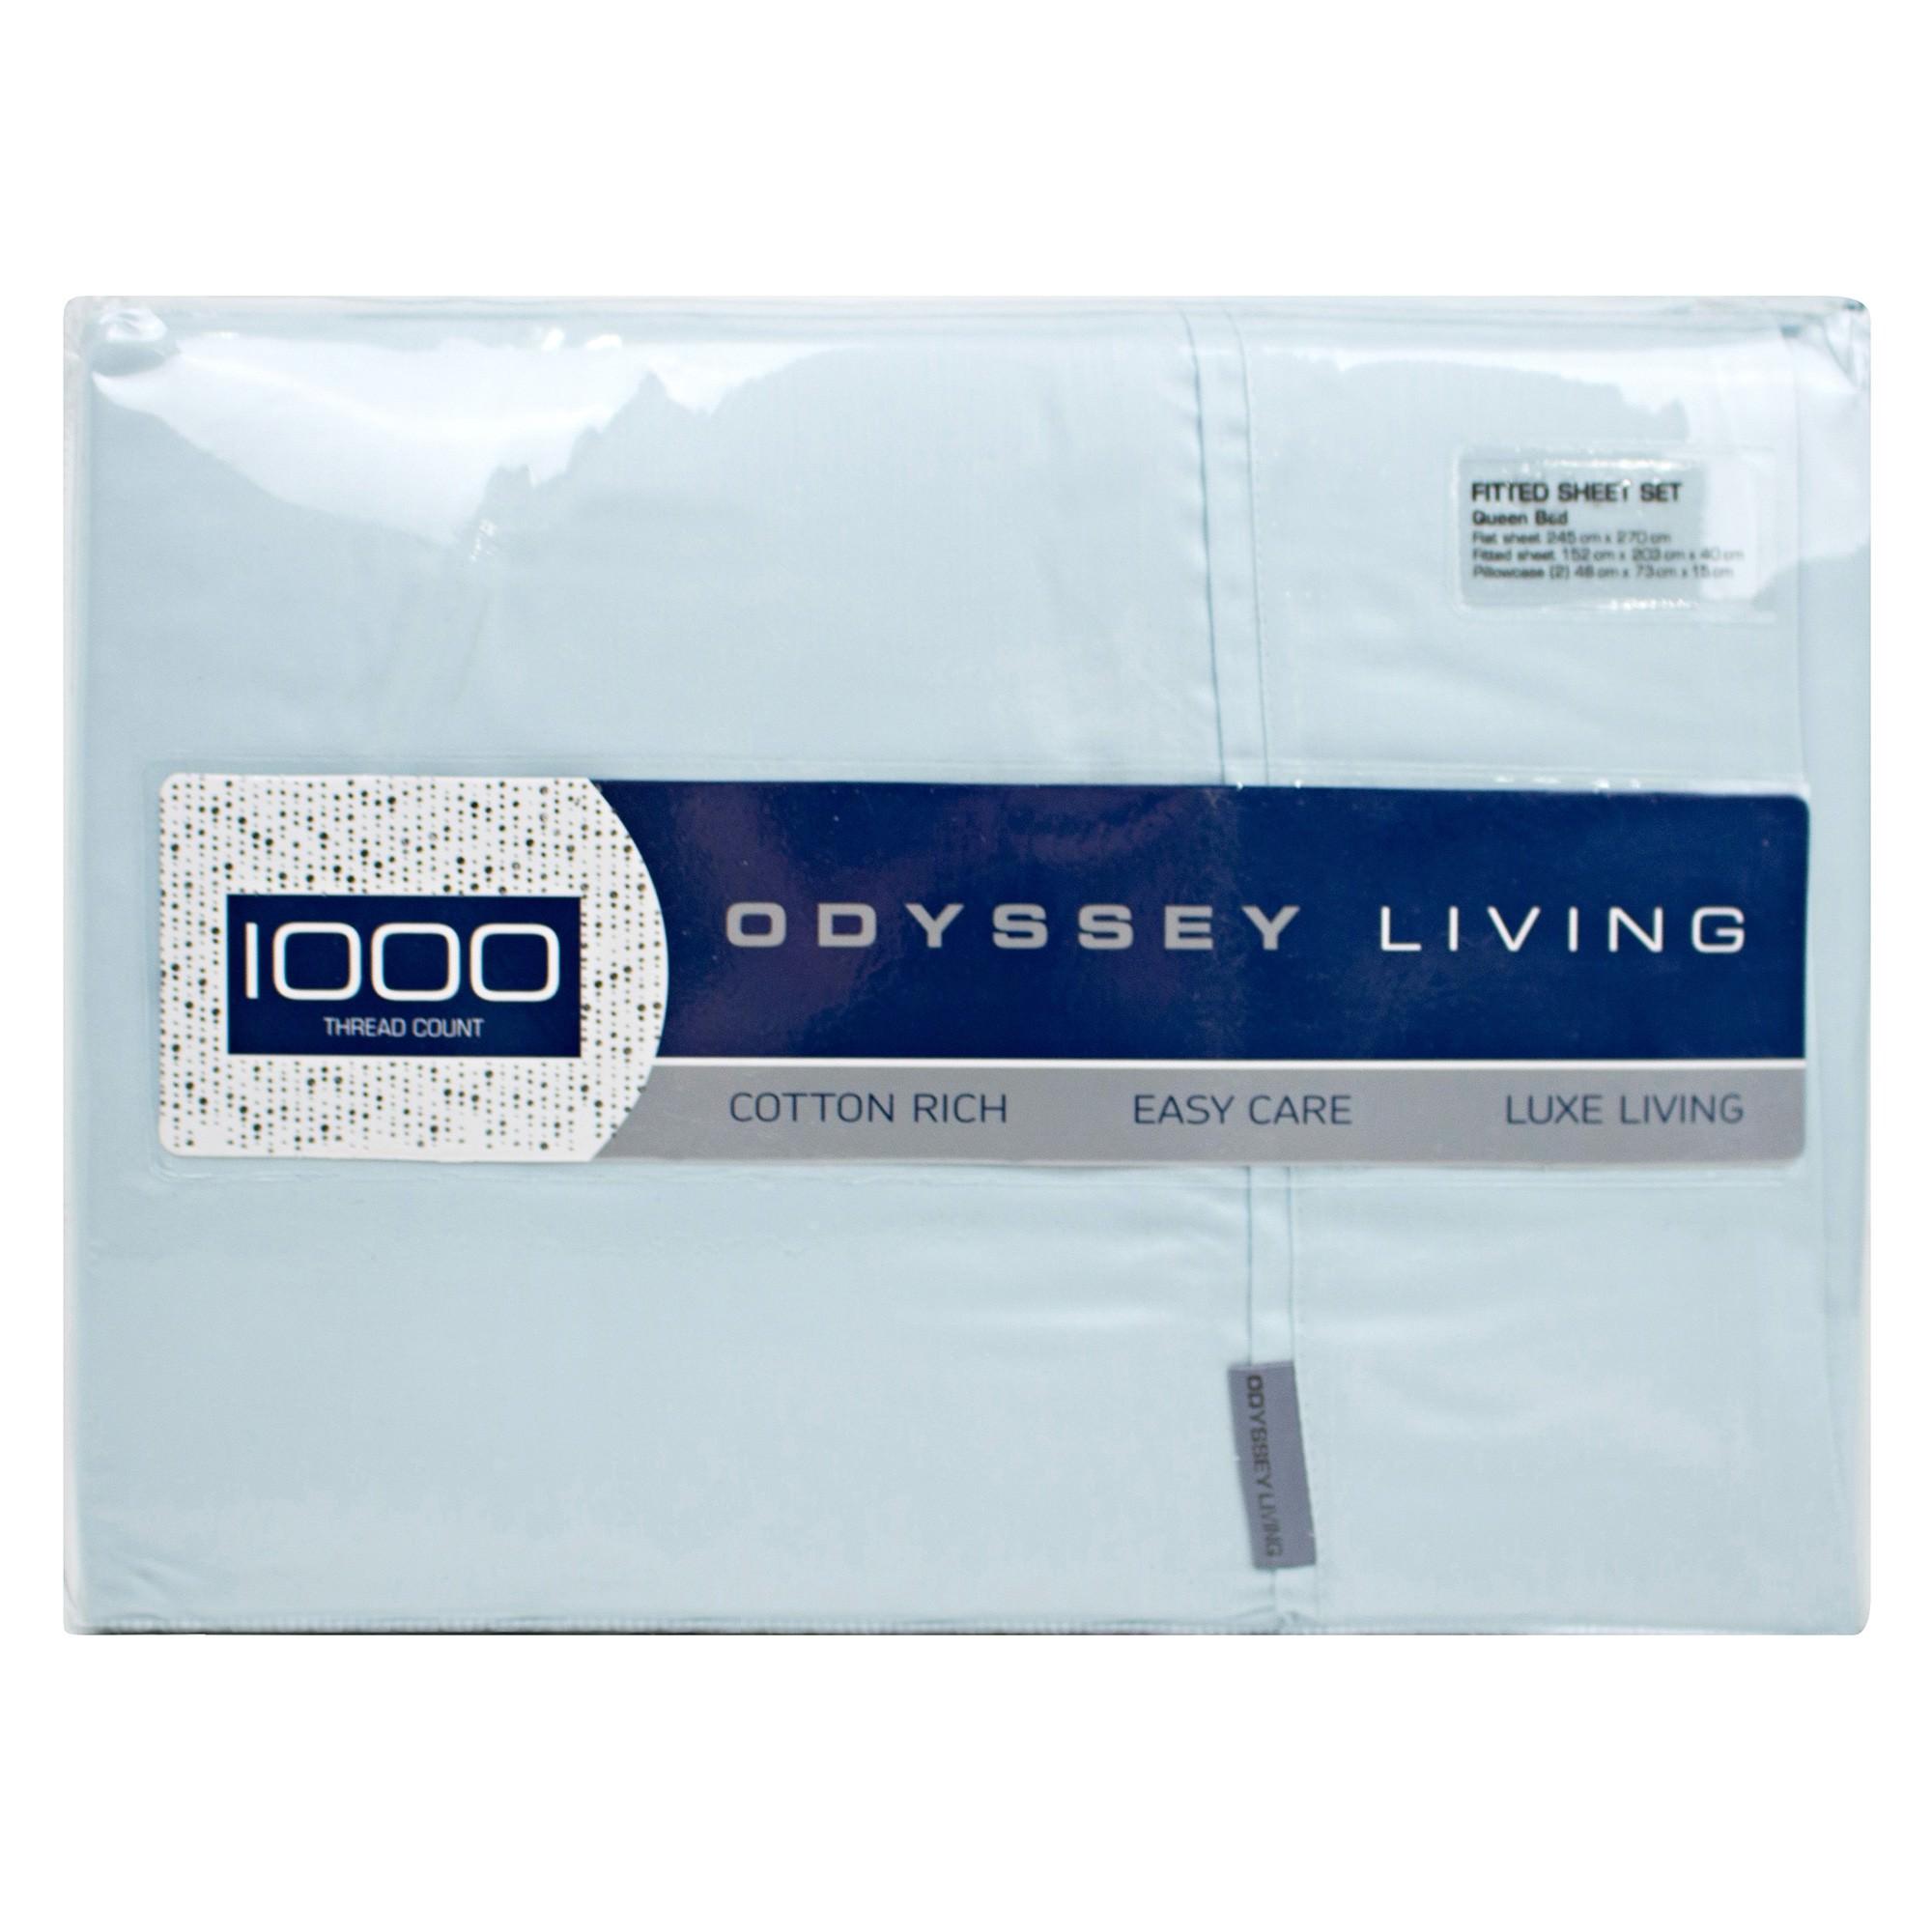 Odyssey Living 1000TC Cotton Rich Sheet Set, Queen, Harbour Mist